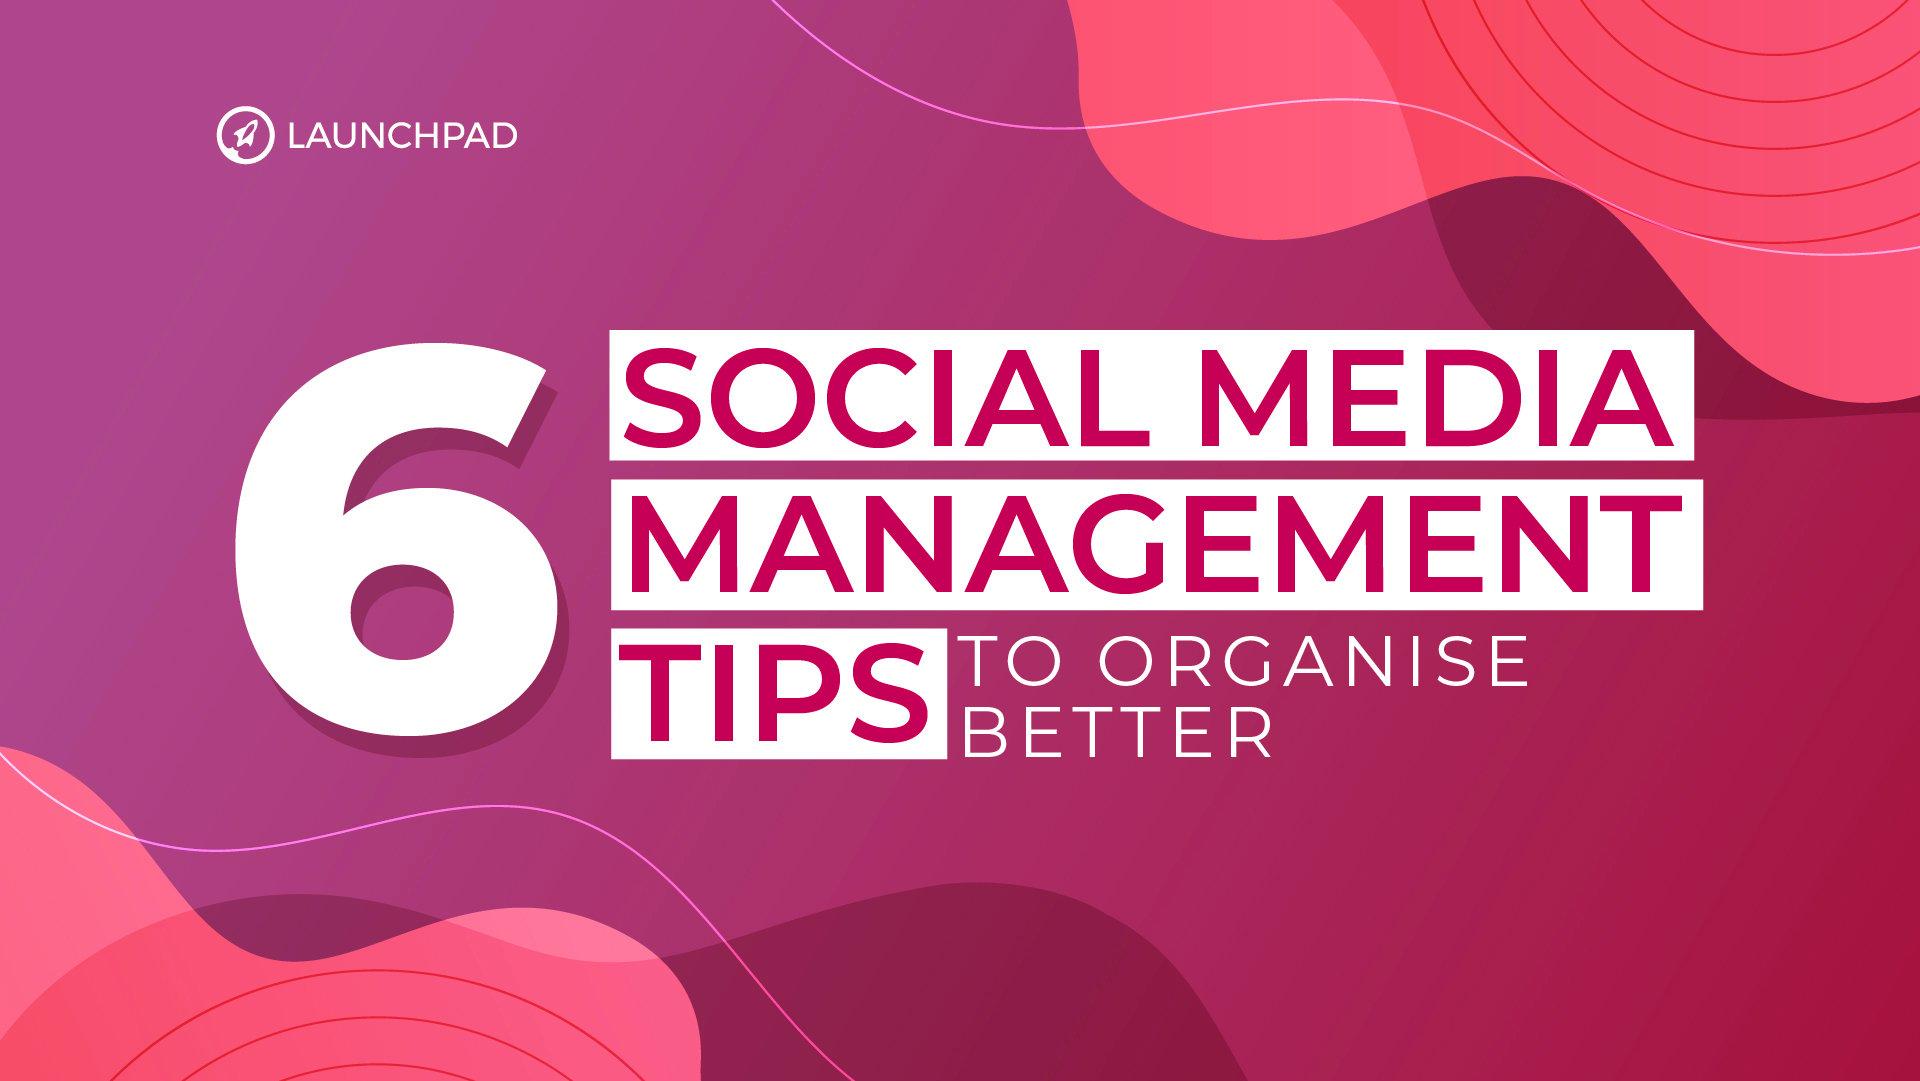 Blog[SM]-6 Social Media Management Tips to Organise Better-02